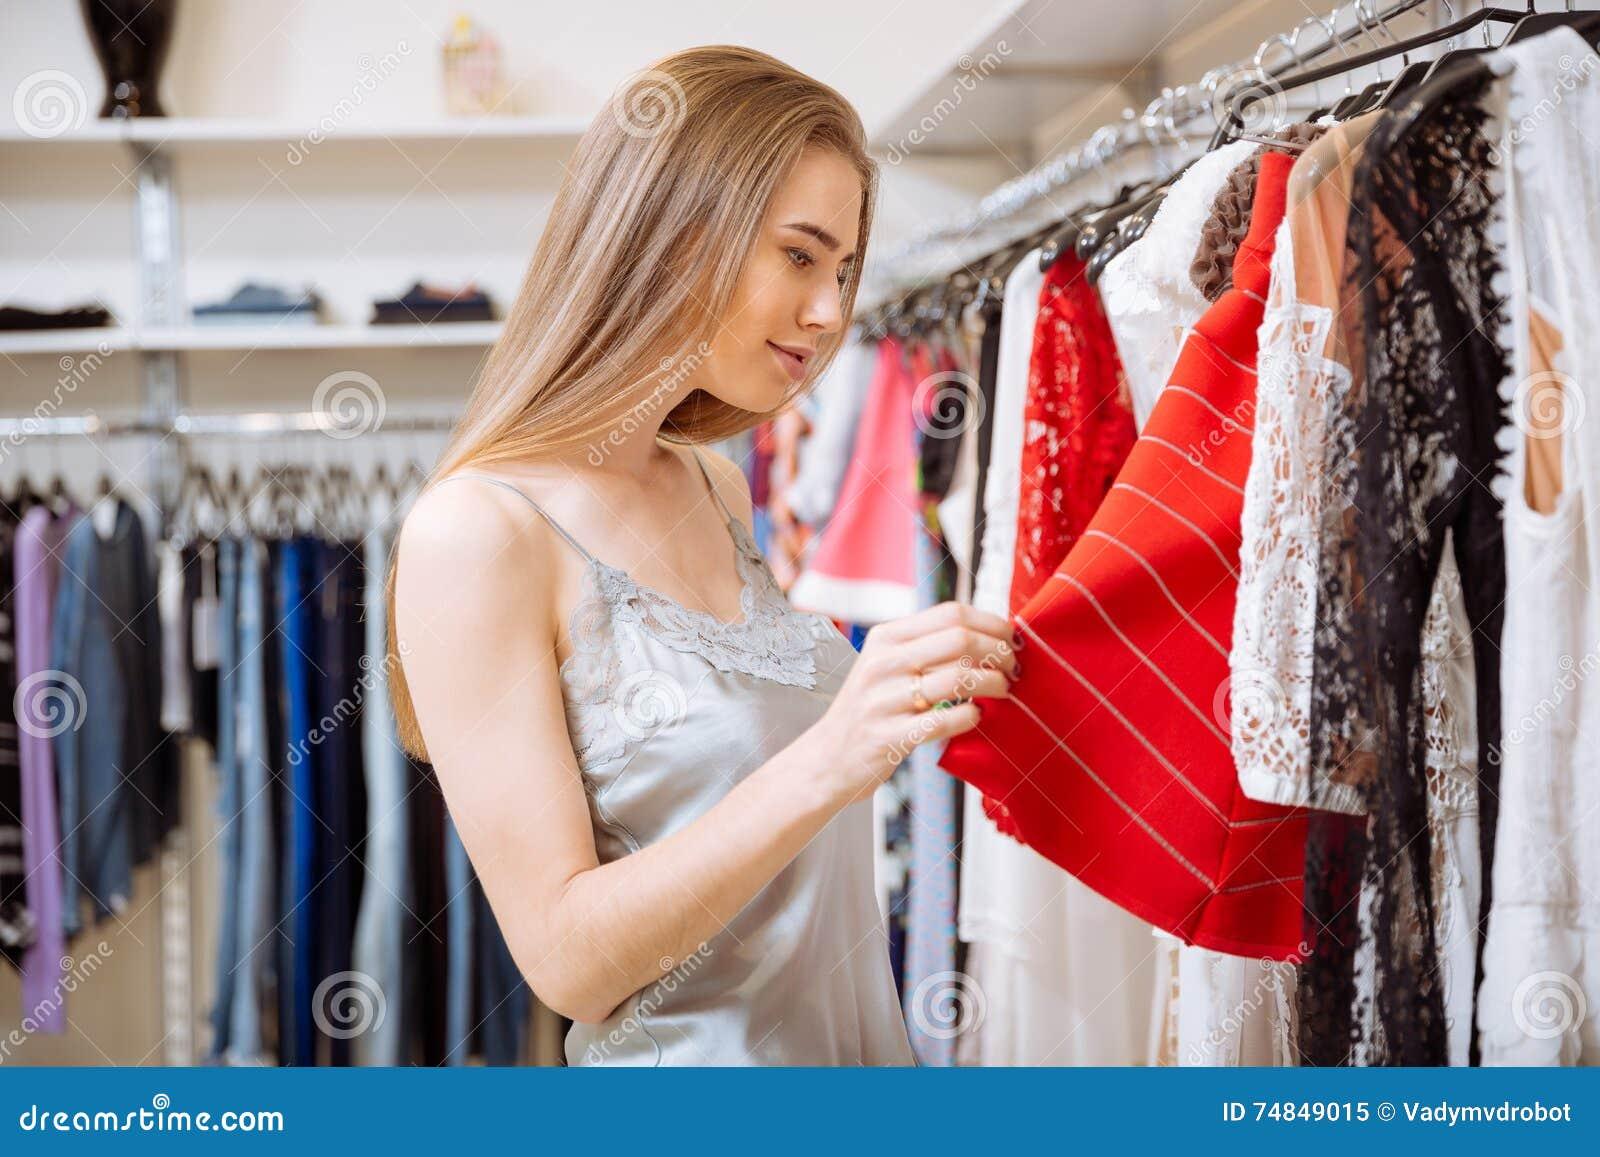 Bella Giovane Donna Che Sceglie I Vestiti In Negozio Immagine Stock ... 70d4ca62031